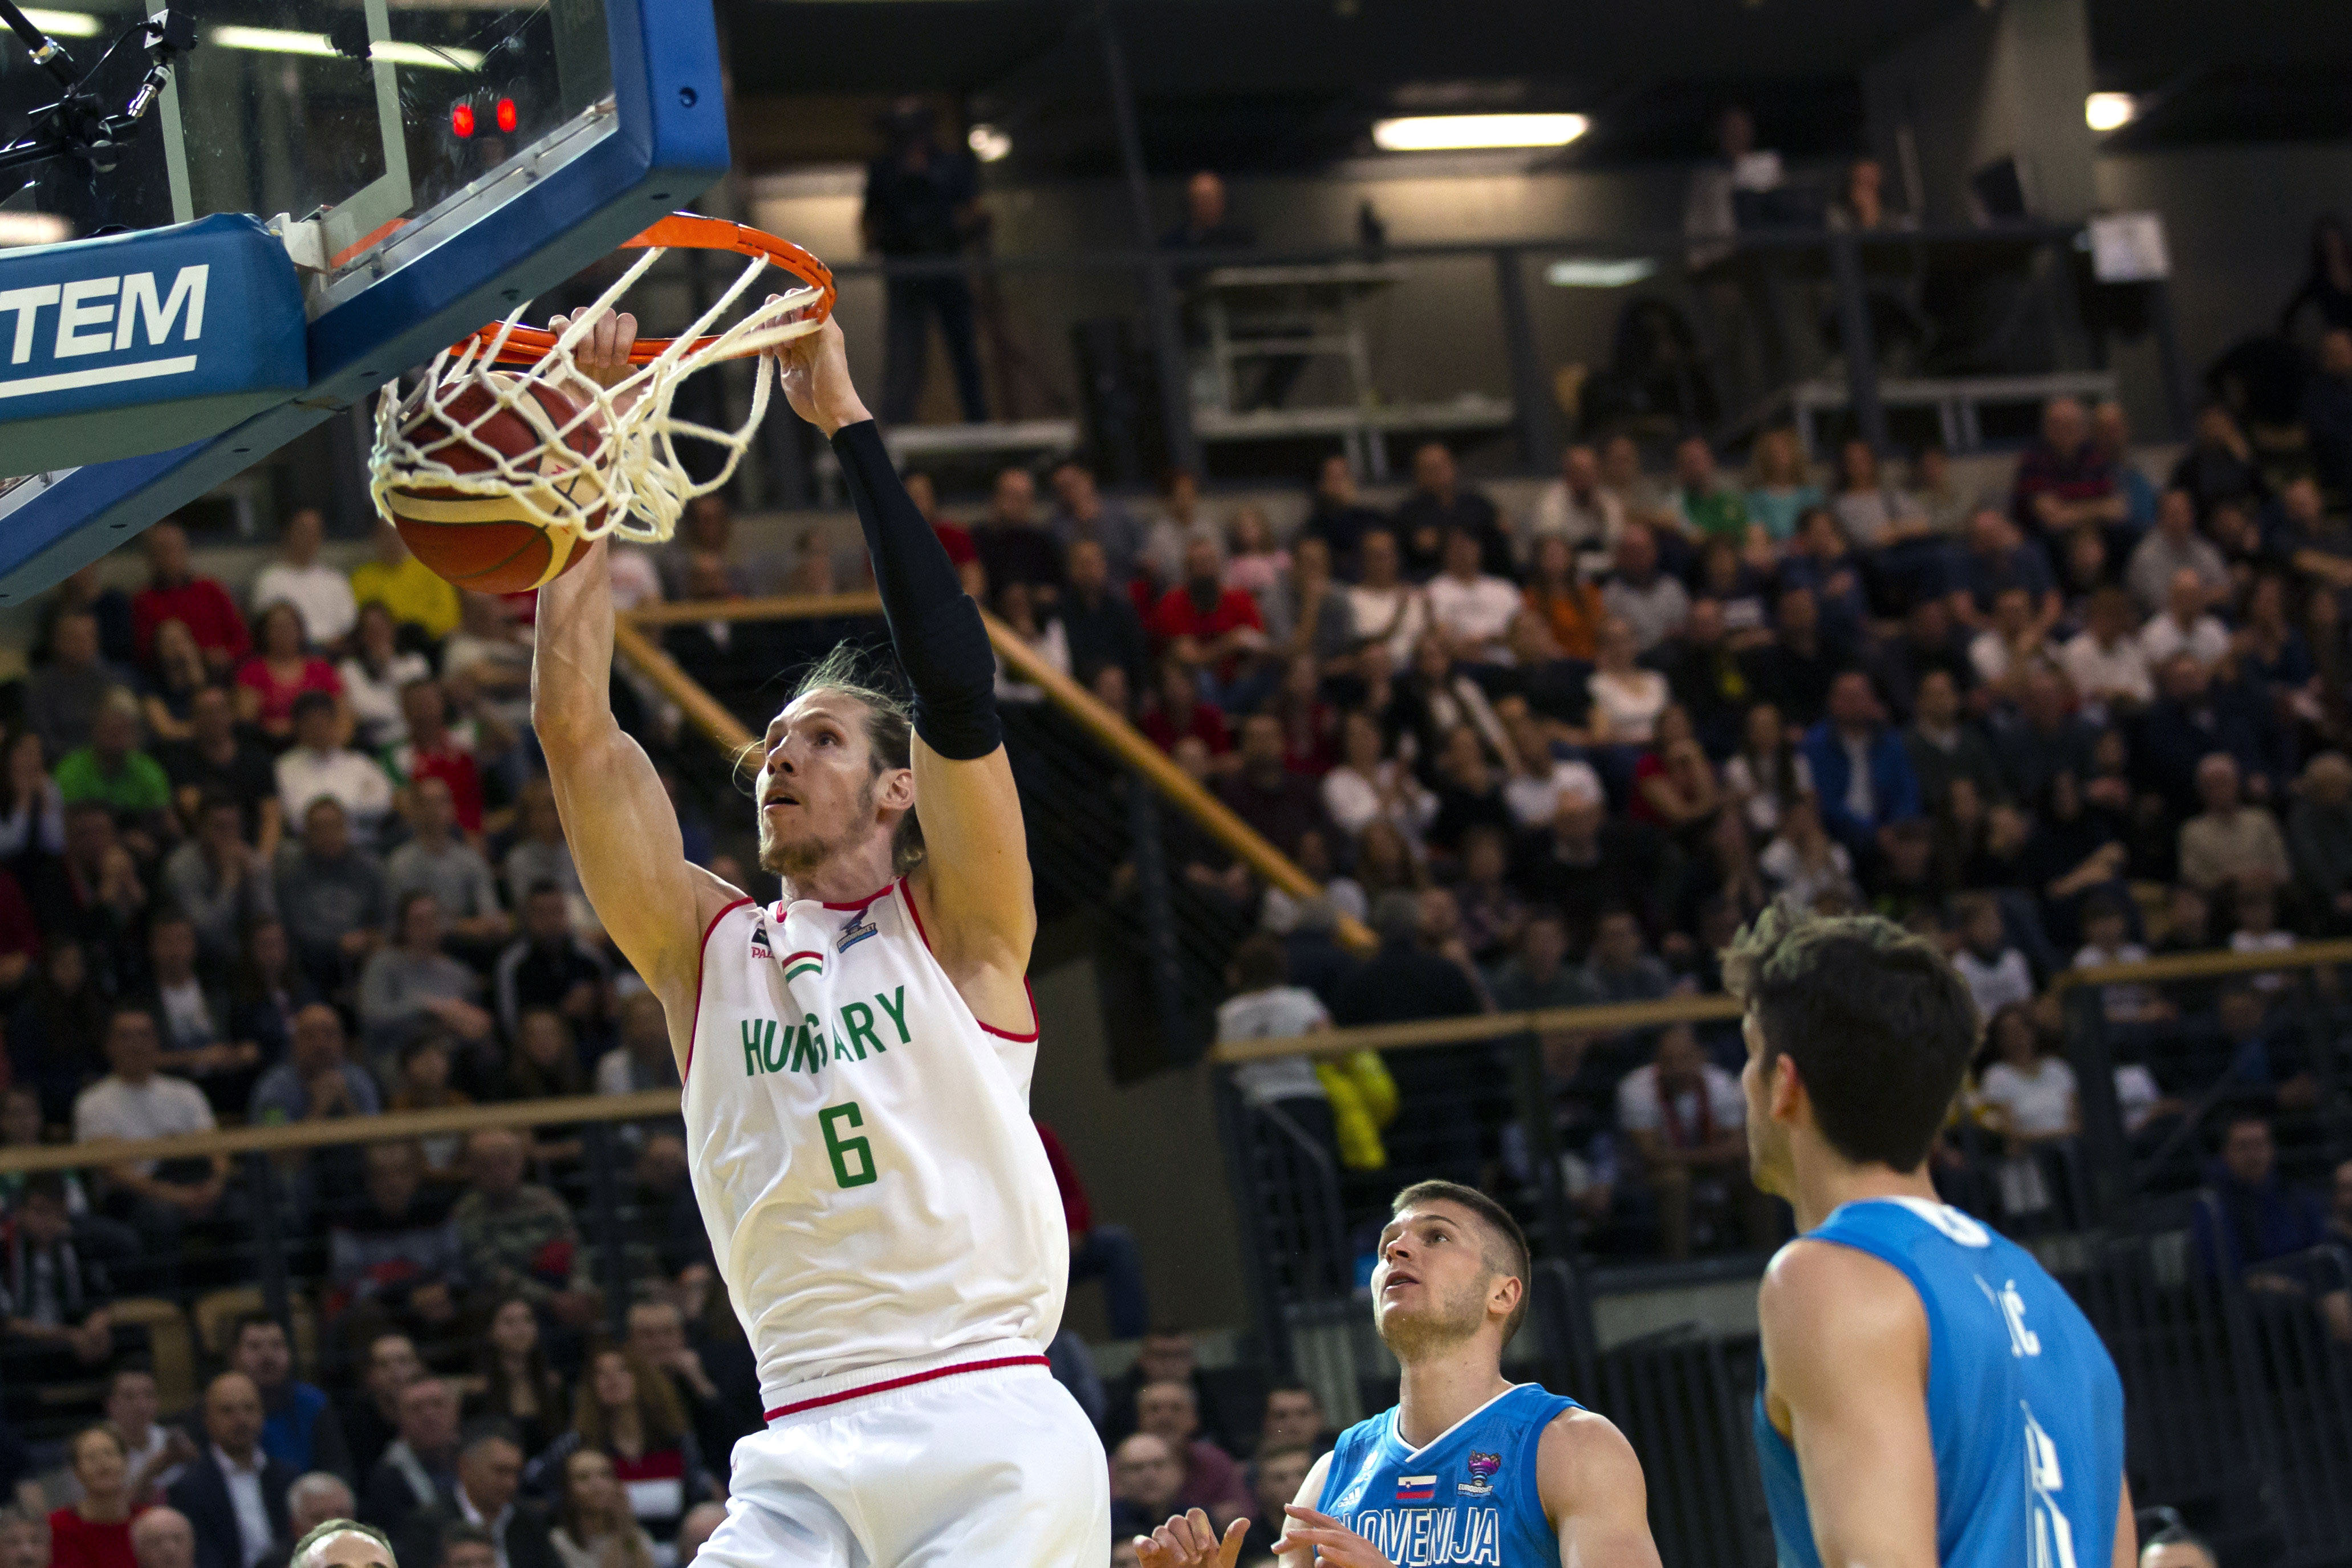 A magyar férfi kosárlabda-válogatott legyőzte a címvédő szlovénokat az első EB-selejtezőn